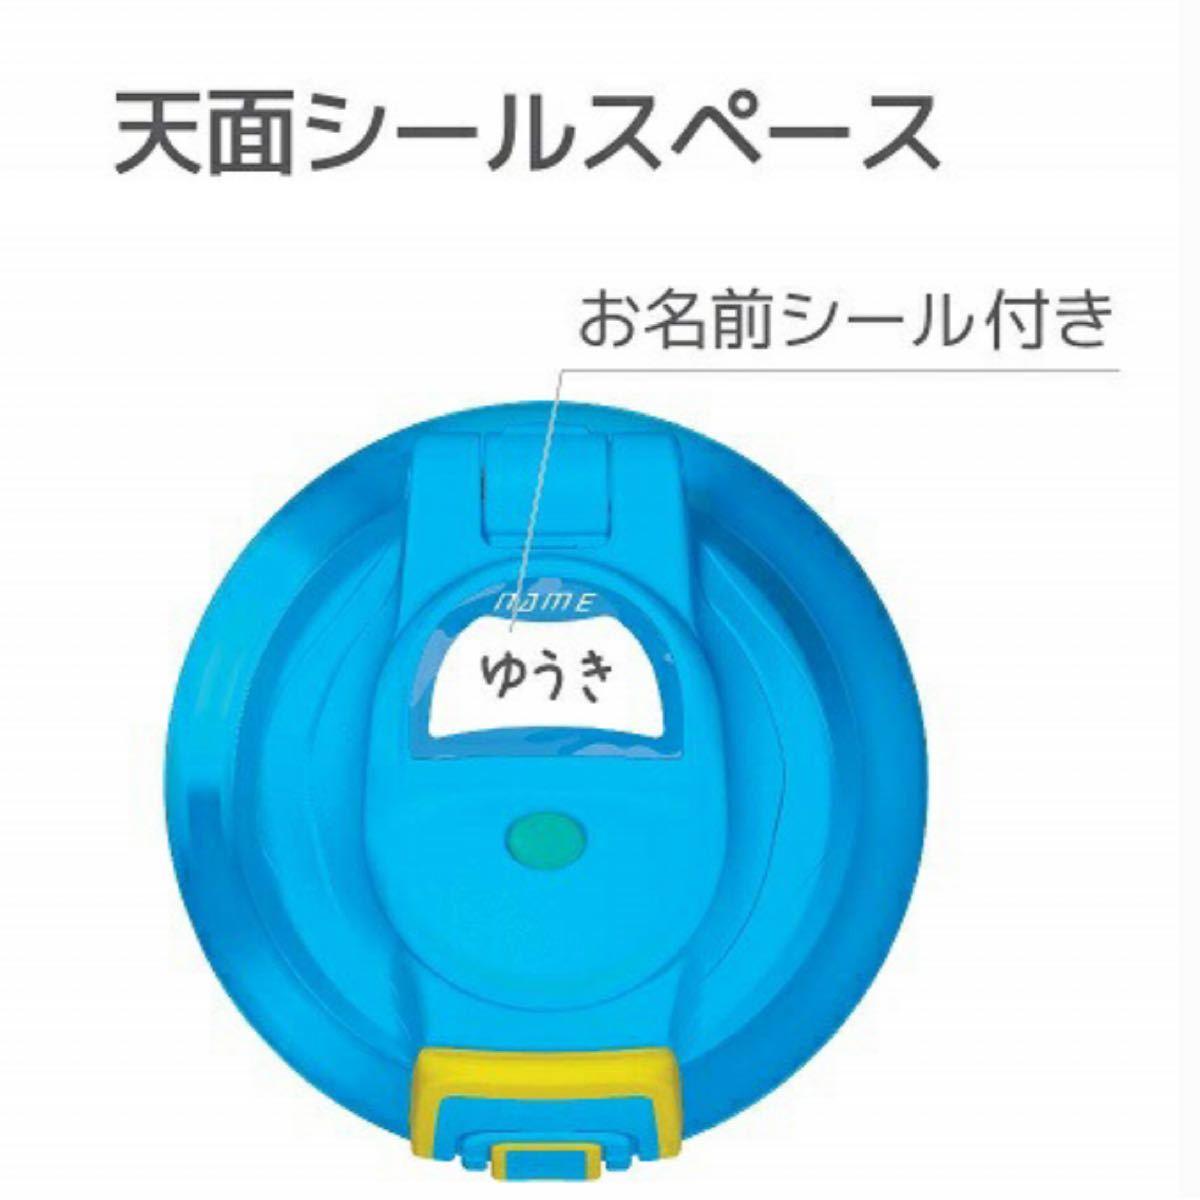 THERMOS サーモス 水筒 保冷専用 ワンタッチオープン 真空断熱スポーツボトル 1.0L  ブルーカモフラージュ